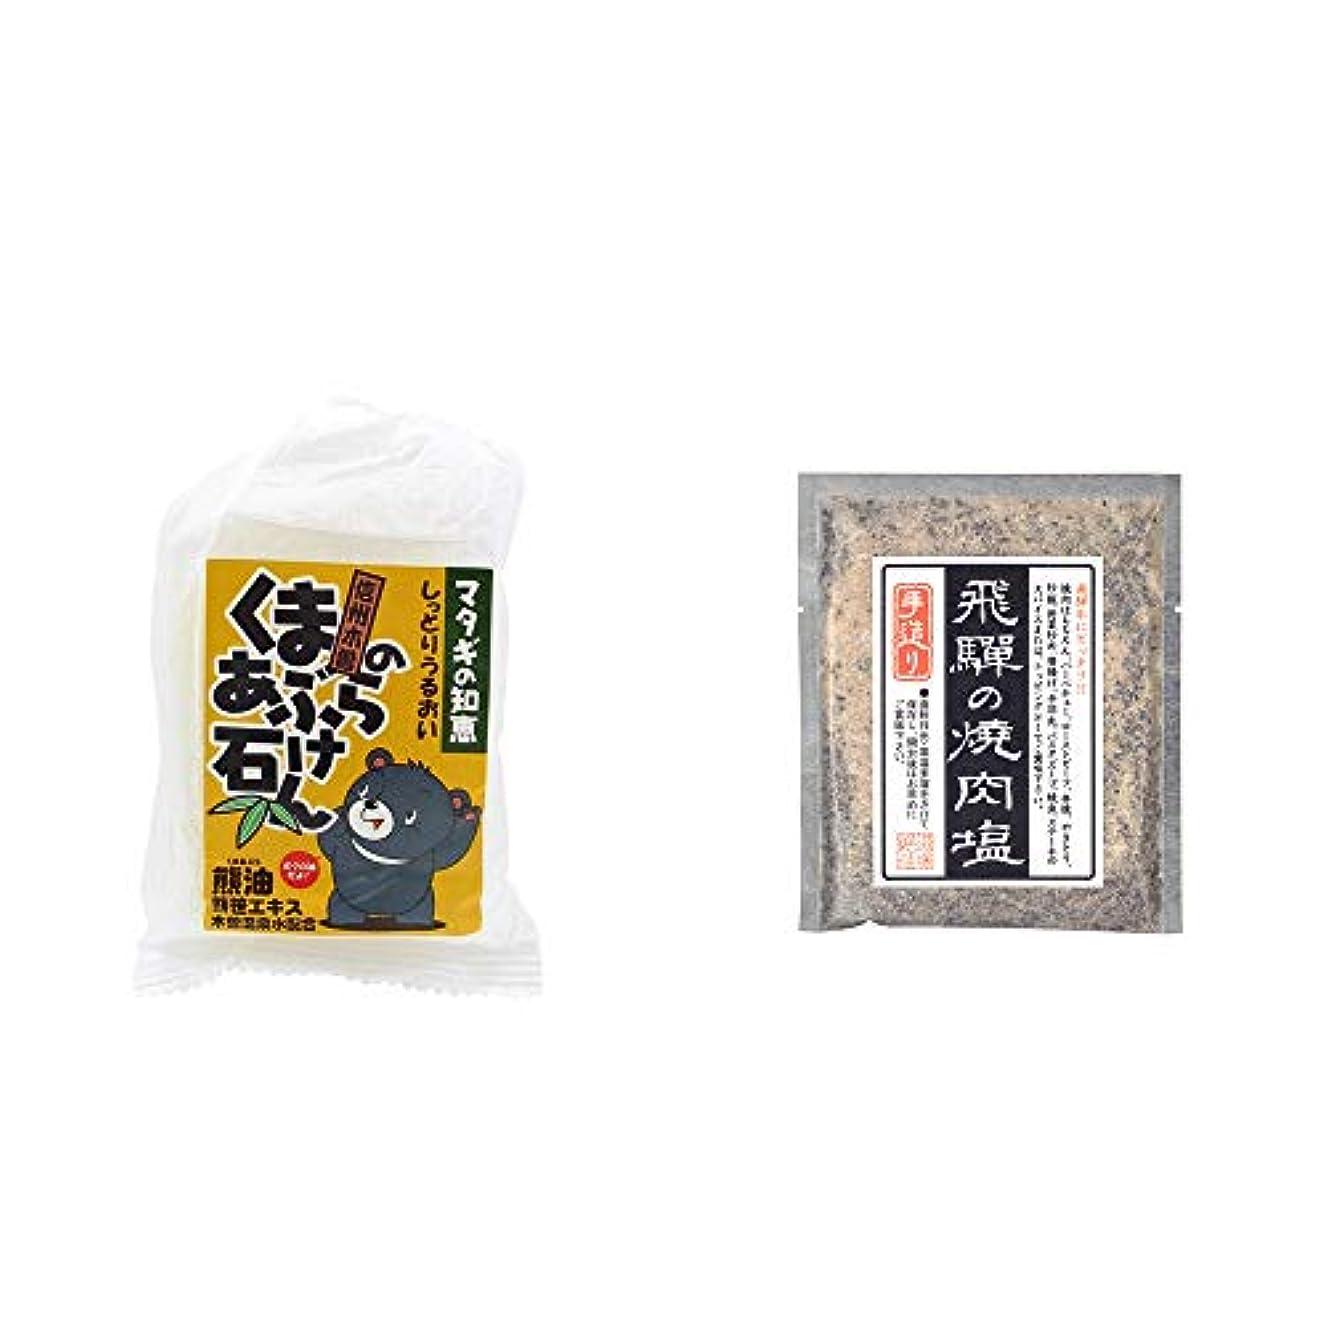 木シリアルラウズ[2点セット] 信州木曽 くまのあぶら石けん(80g)?手造り 飛騨の焼肉塩(80g)